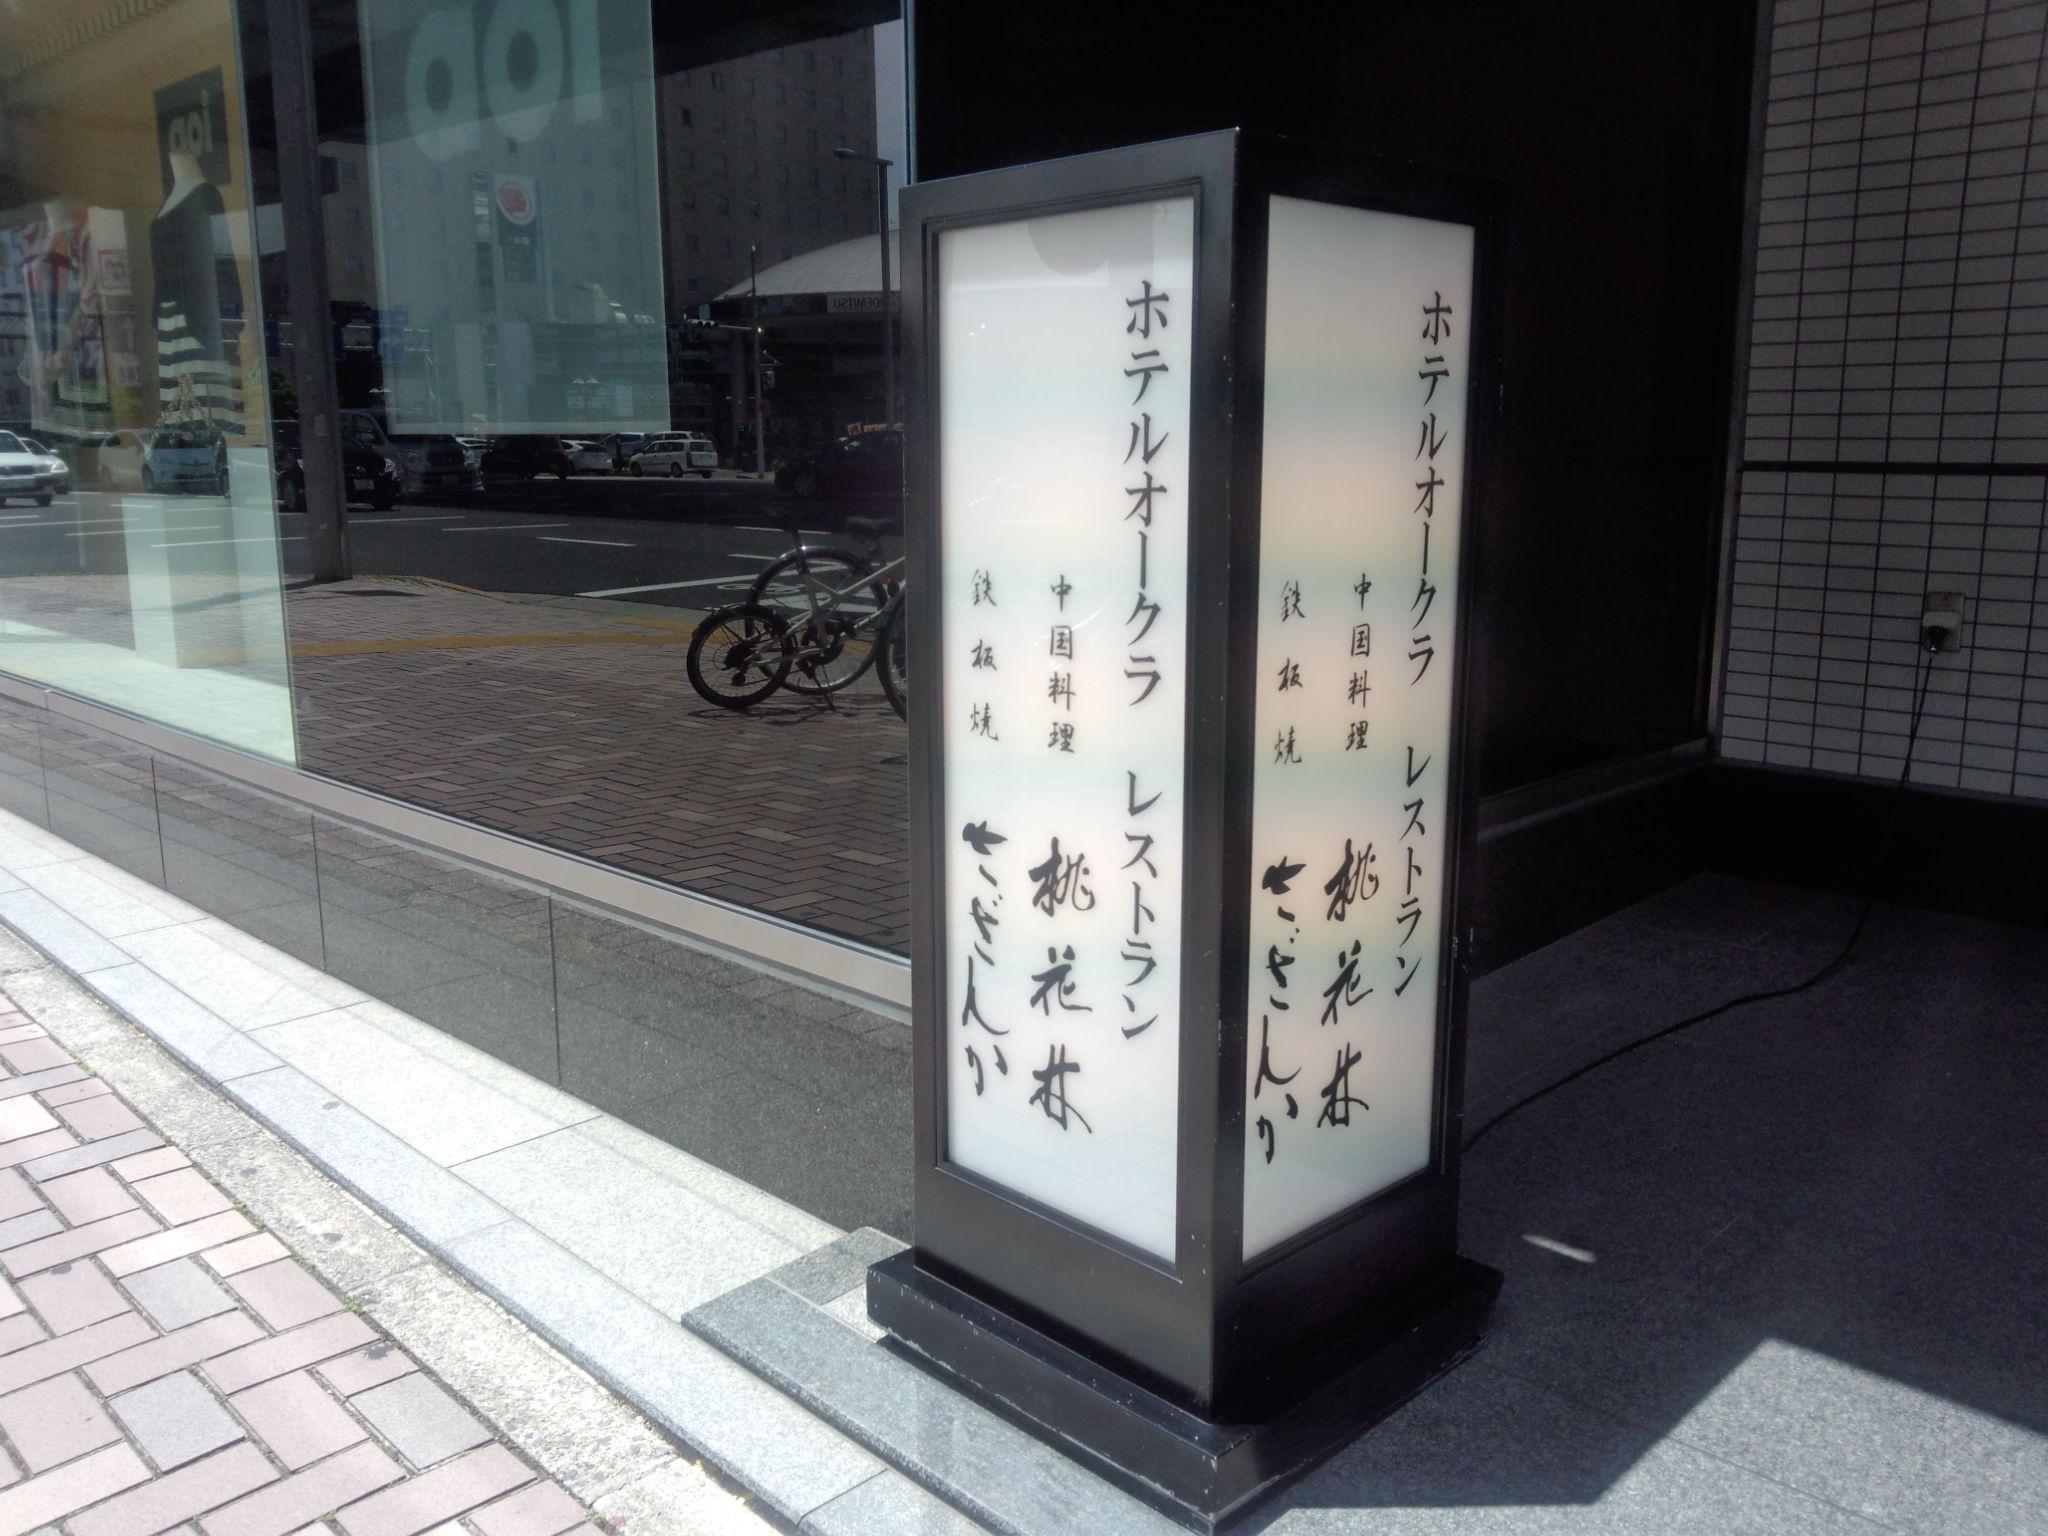 ホテルオークラレストラン名古屋 テレピア